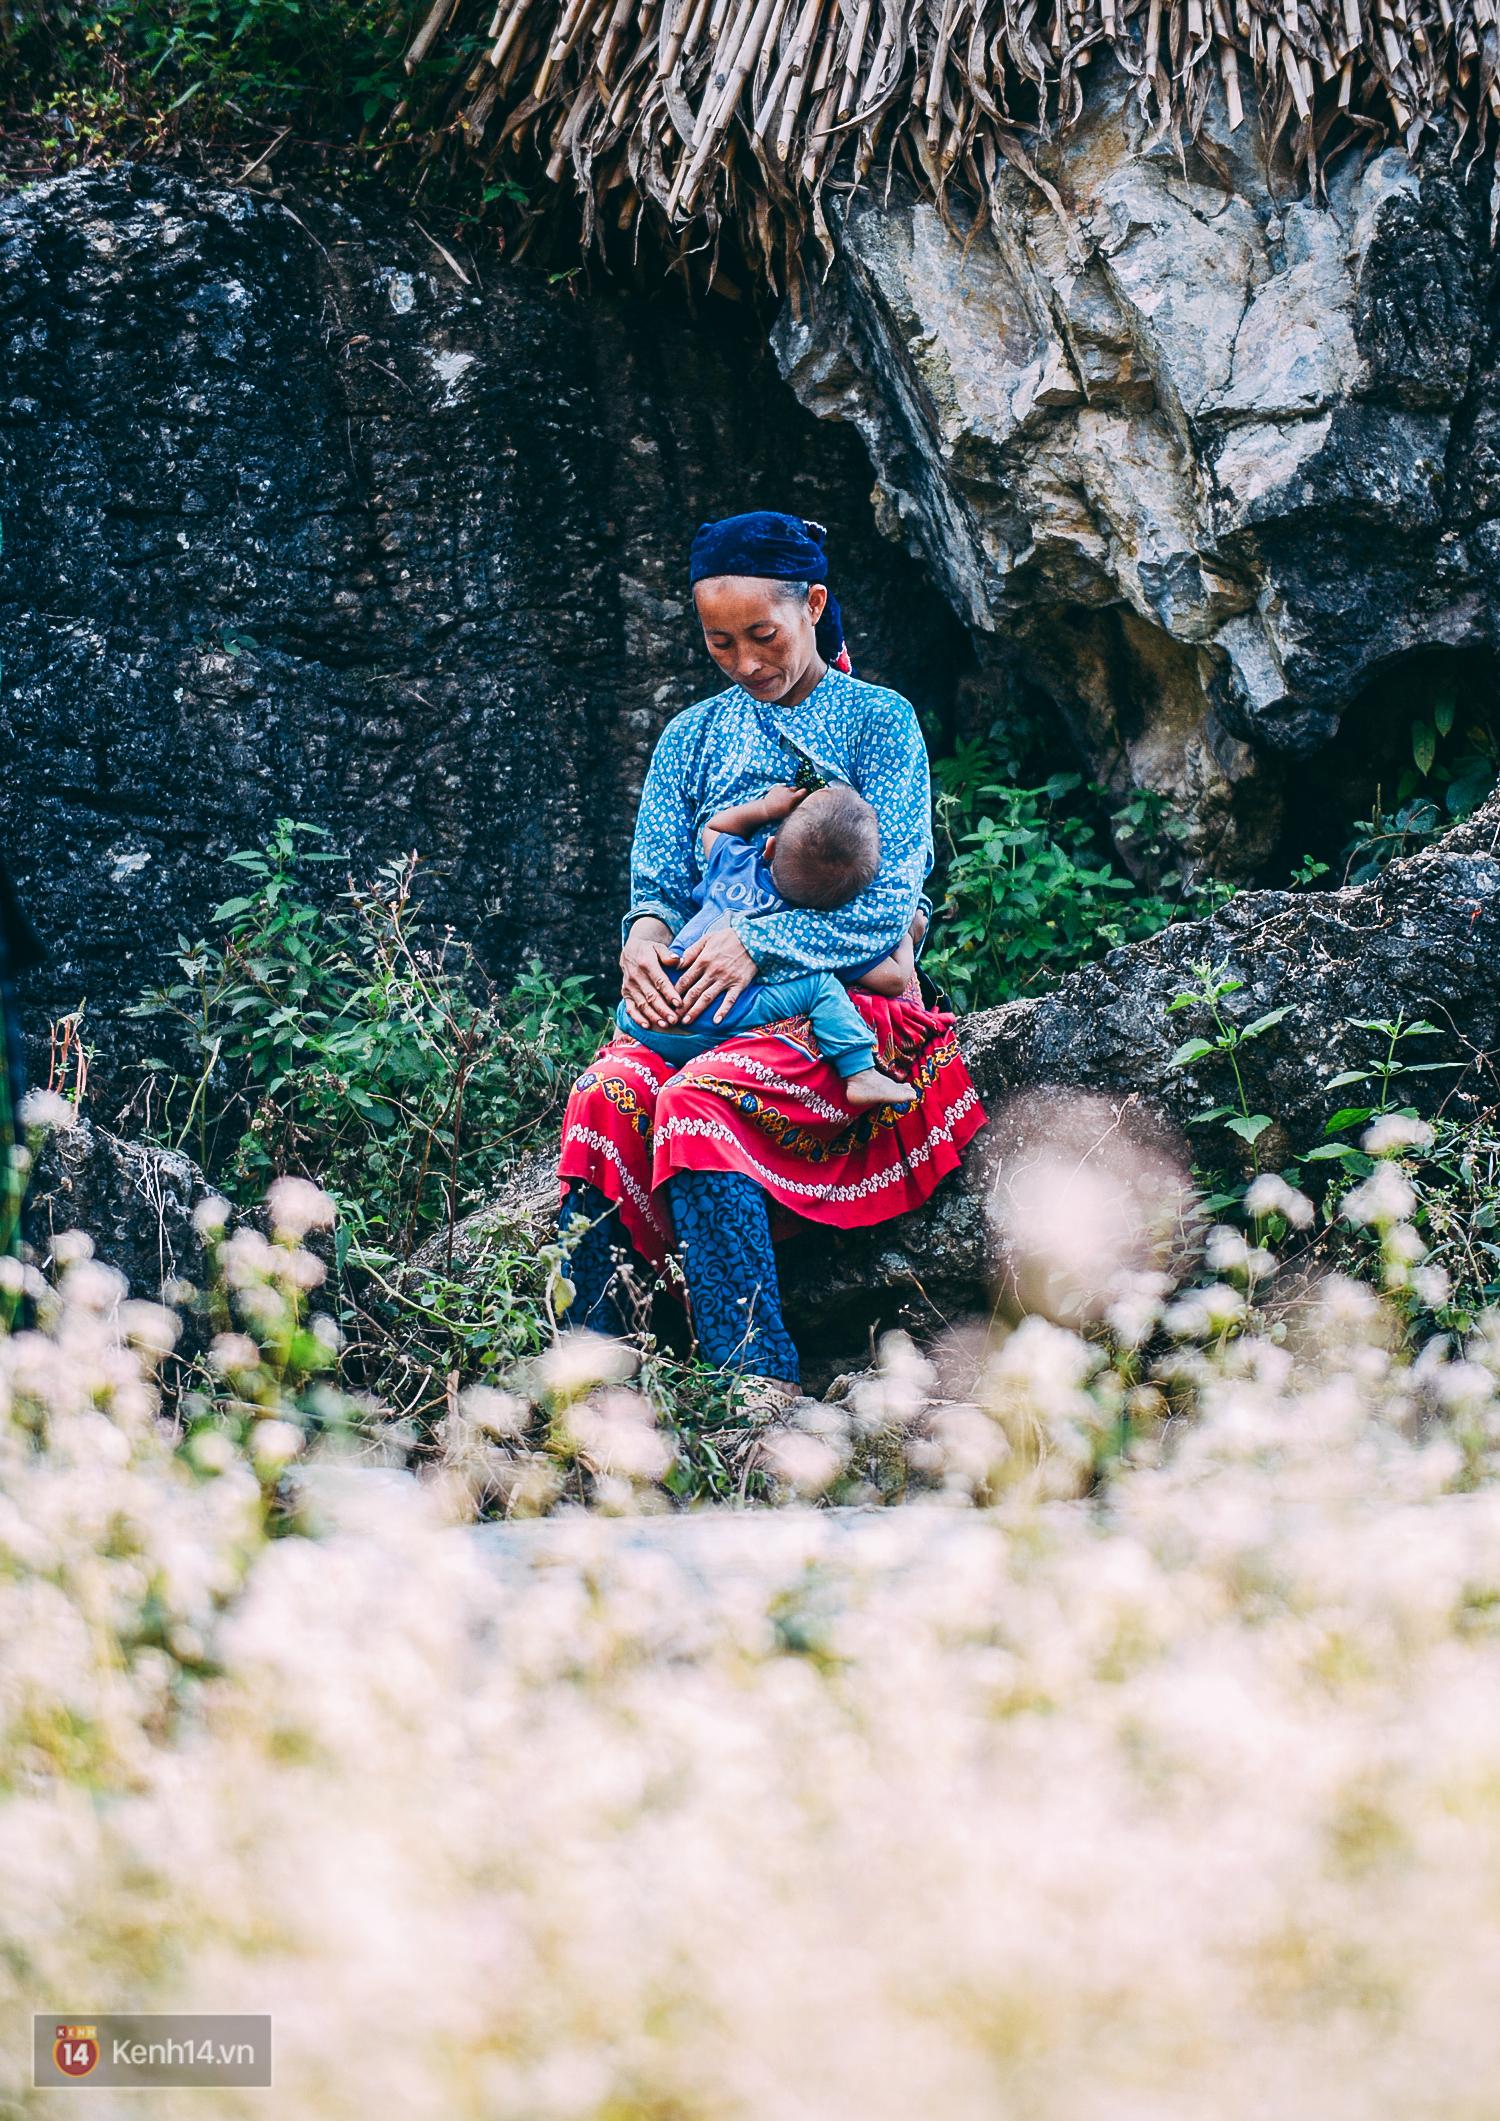 Ngắm mùa hoa tam giác mạch đẹp mê mải về ở Hà Giang - Ảnh 11.